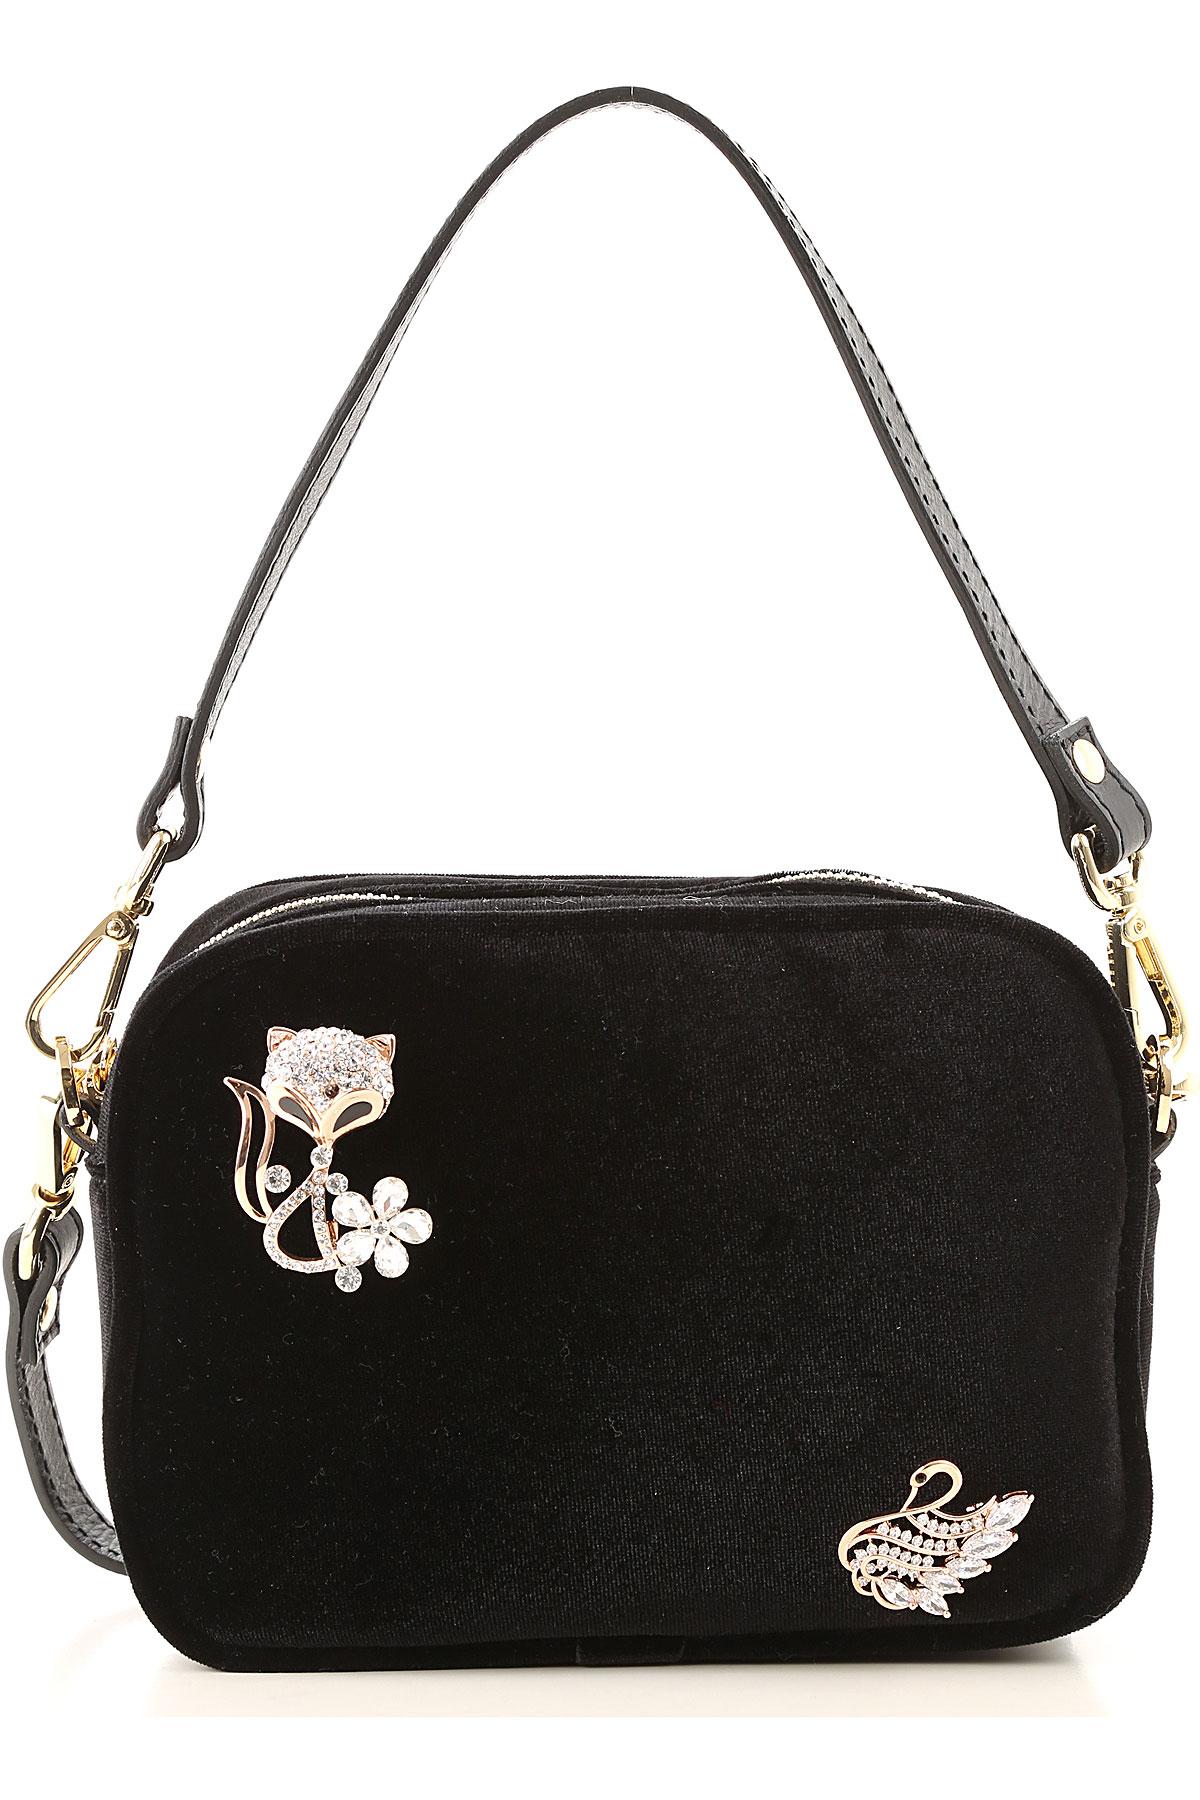 Avenue 67 Handbags On Sale, Black, Velvet, 2019